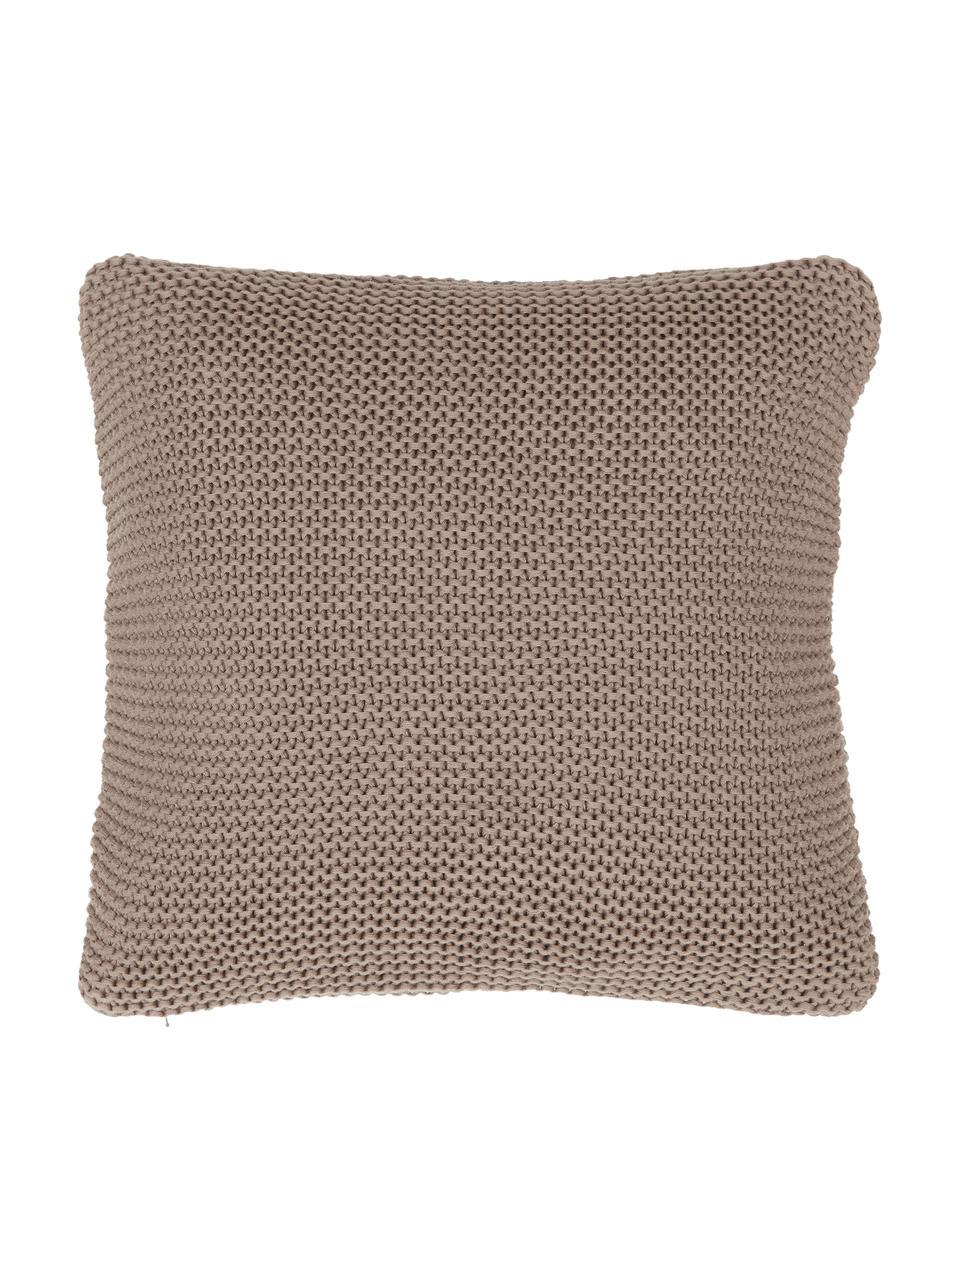 Funda de cojín de punto de algodón orgánico Adalyn, 100%algodón ecológico, certificado GOTS, Marrón, An 40 x L 40 cm